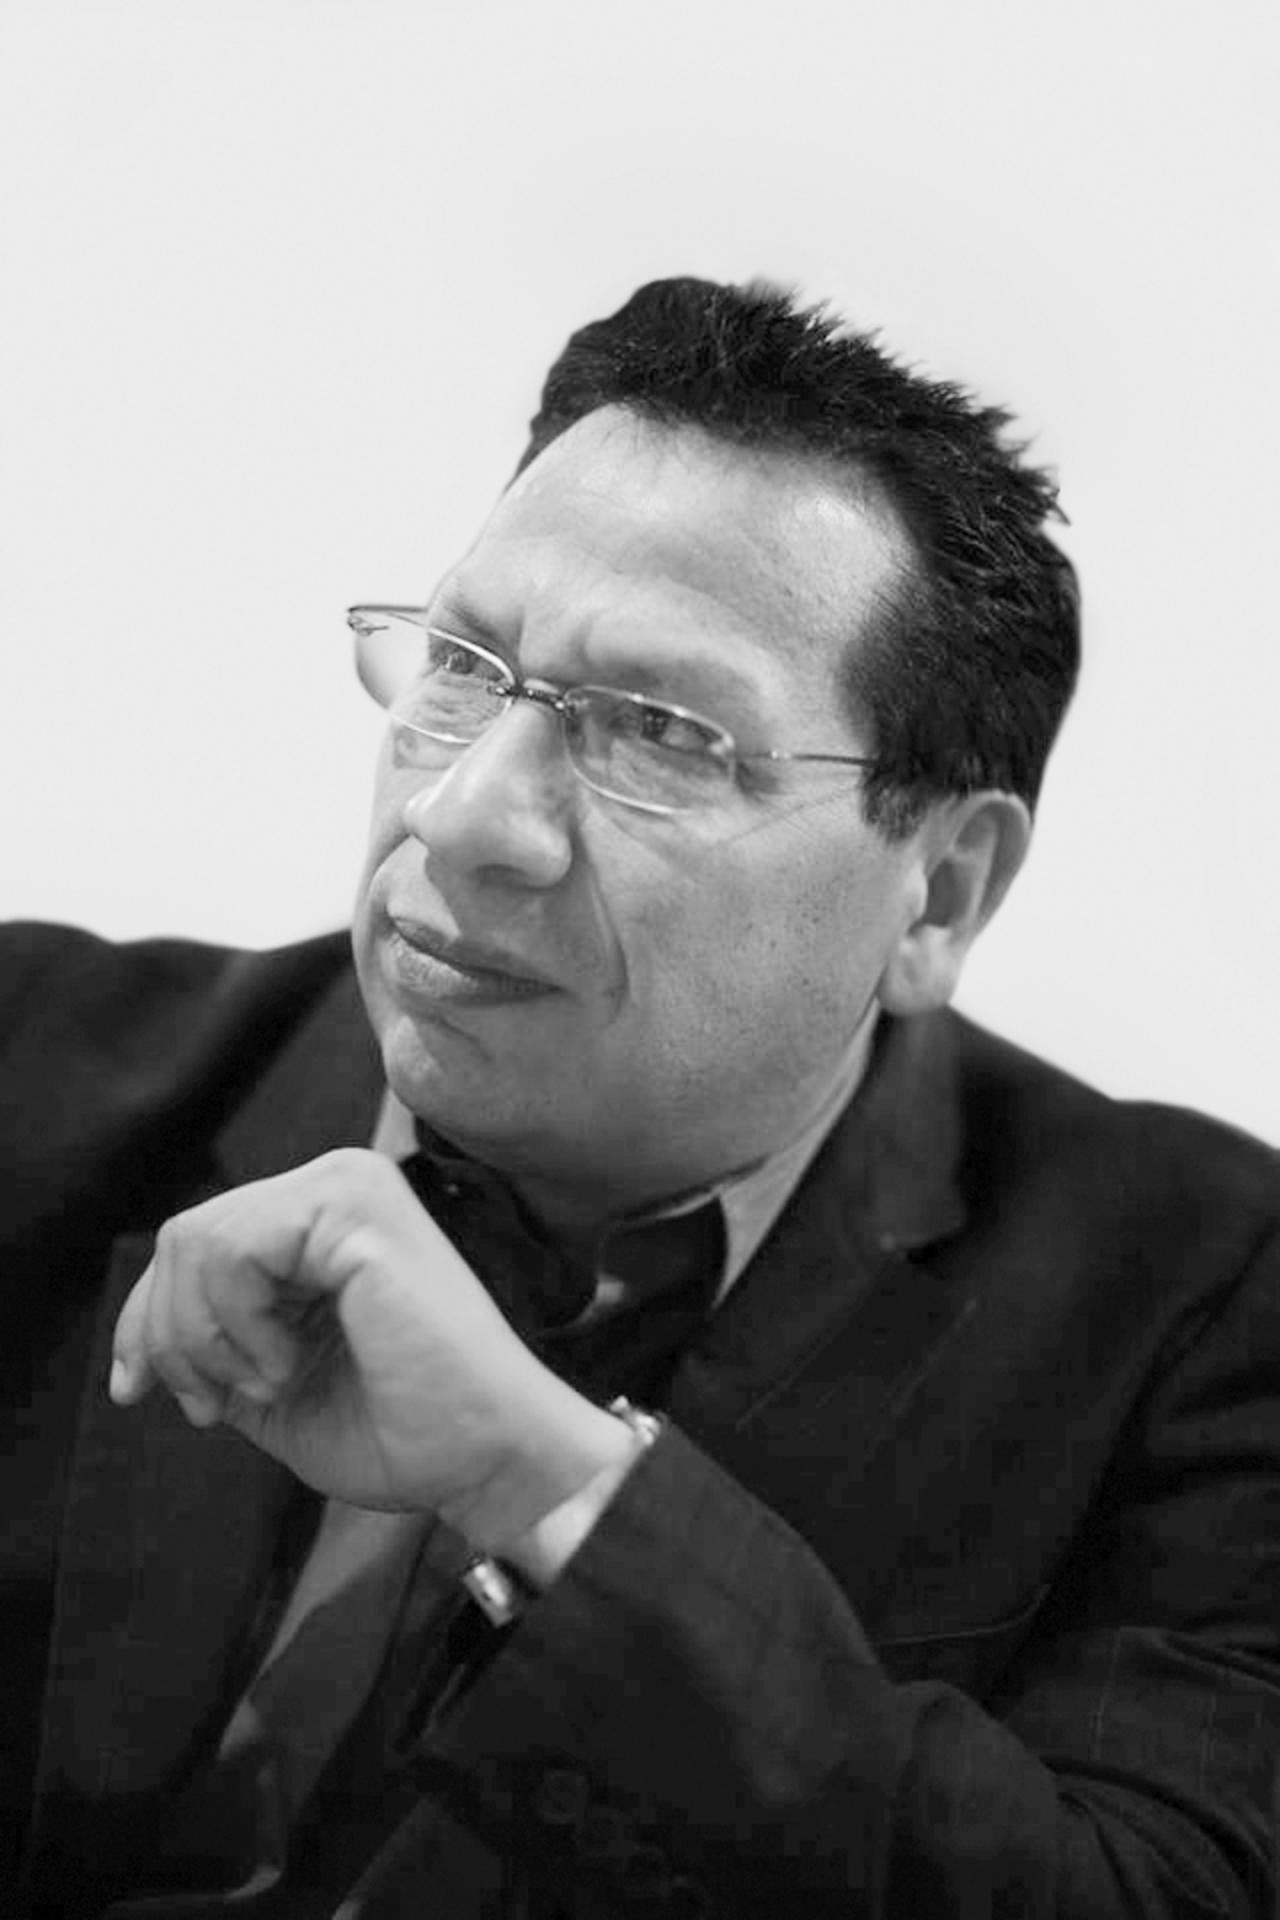 Del '¡ya me cansé!' de Murillo Karam al '¡ya chole!' de López Obrador